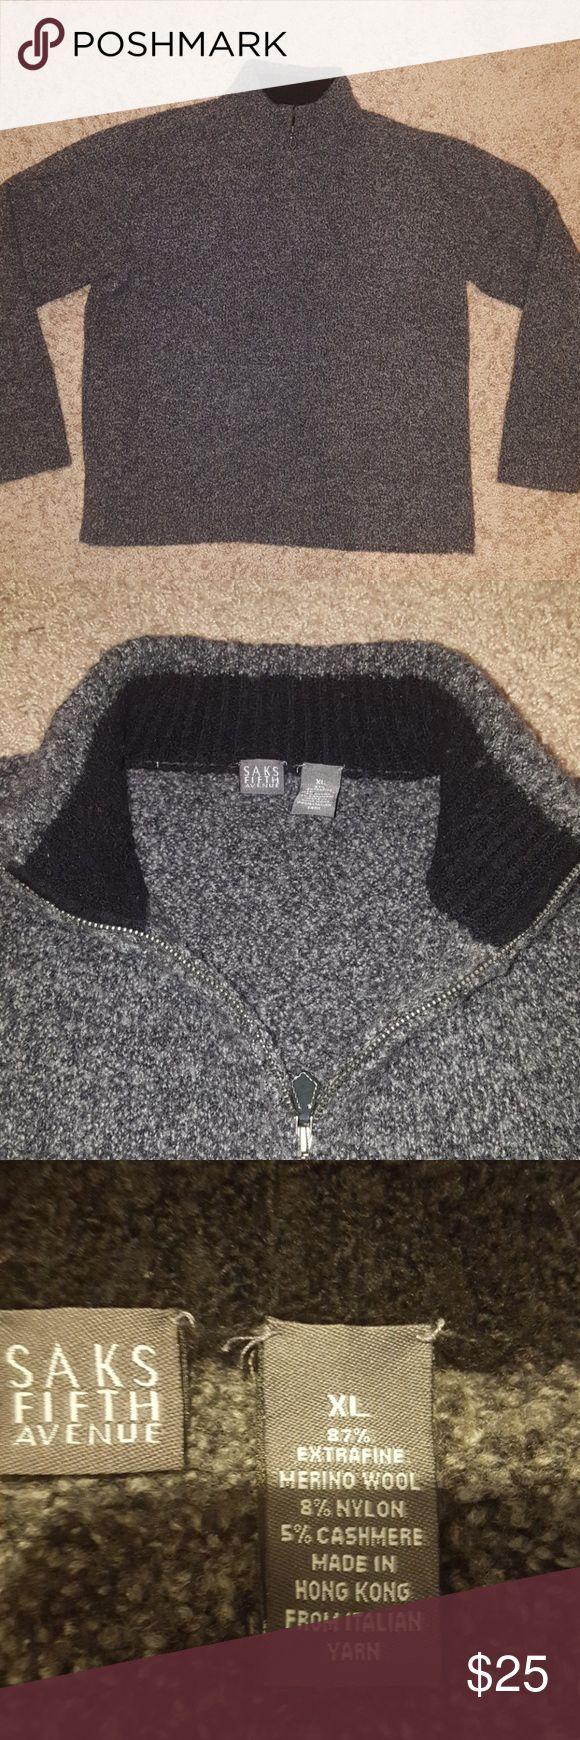 Saks Fifth Avenue Sz XL Gray Wool Sweater In excellent condition Saks Fifth Avenue Sweaters